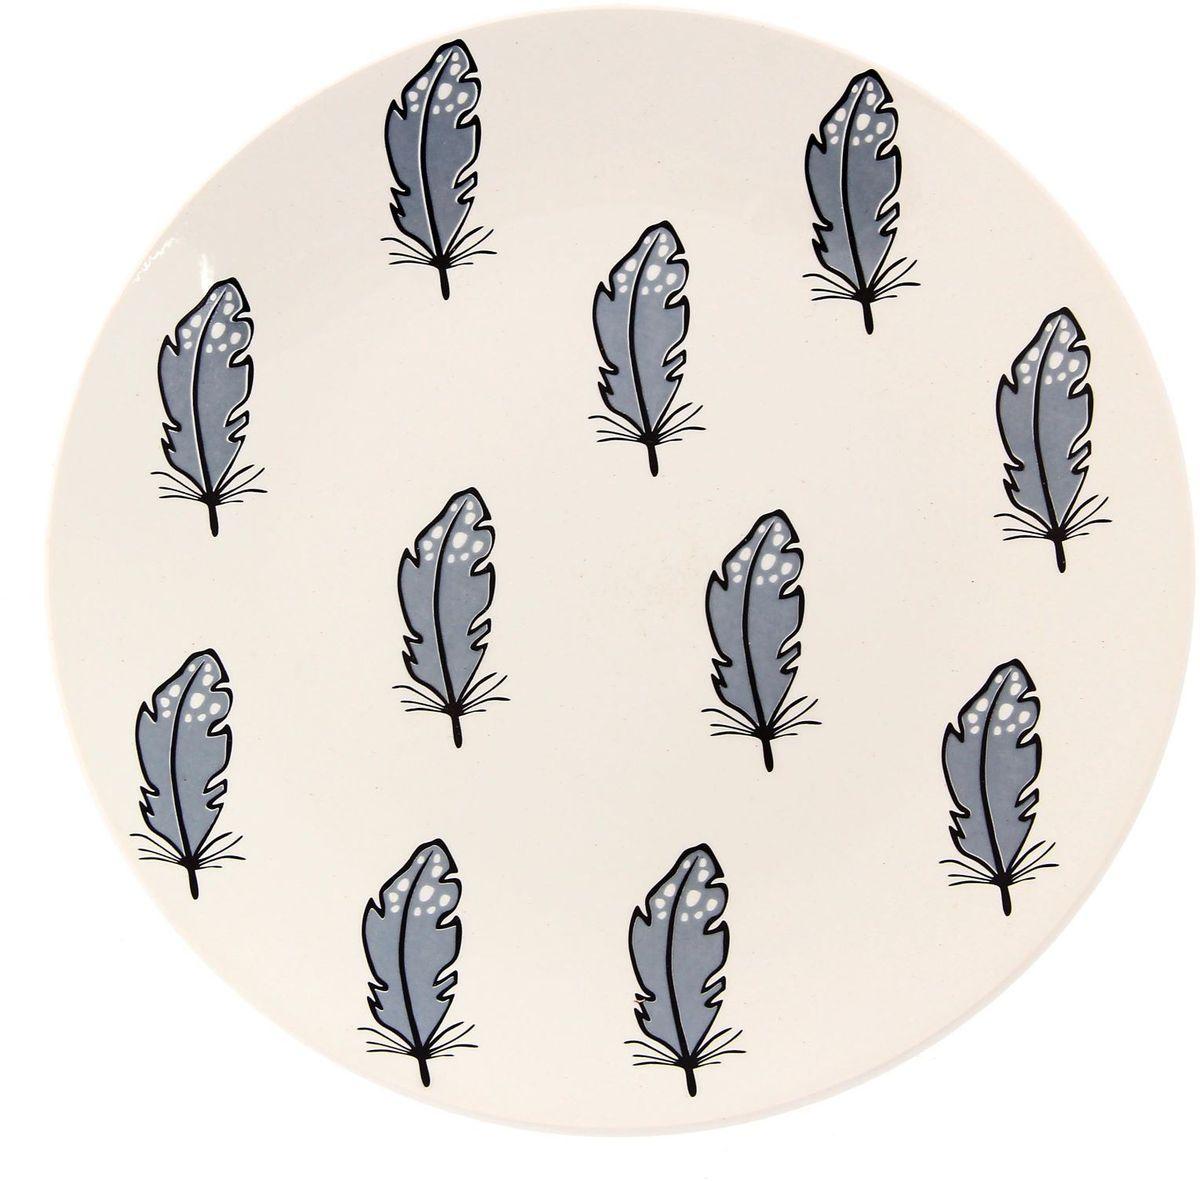 Тарелка Сотвори чудо Перо, диаметр 22 см115510Хотите обновить интерьер кухни или гостиной? Устраиваете необычную фотосессию или тематический праздник? А может, просто ищете подарок для близкого человека? Посуда Сотвори Чудо — правильный выбор в любой ситуации. Тарелка Сотвори Чудо, изготовленная из изящного фаянса нежного сливочного цвета, оформлена оригинальным рисунком со стойкой краской. Пригодна для посудомоечной машины.